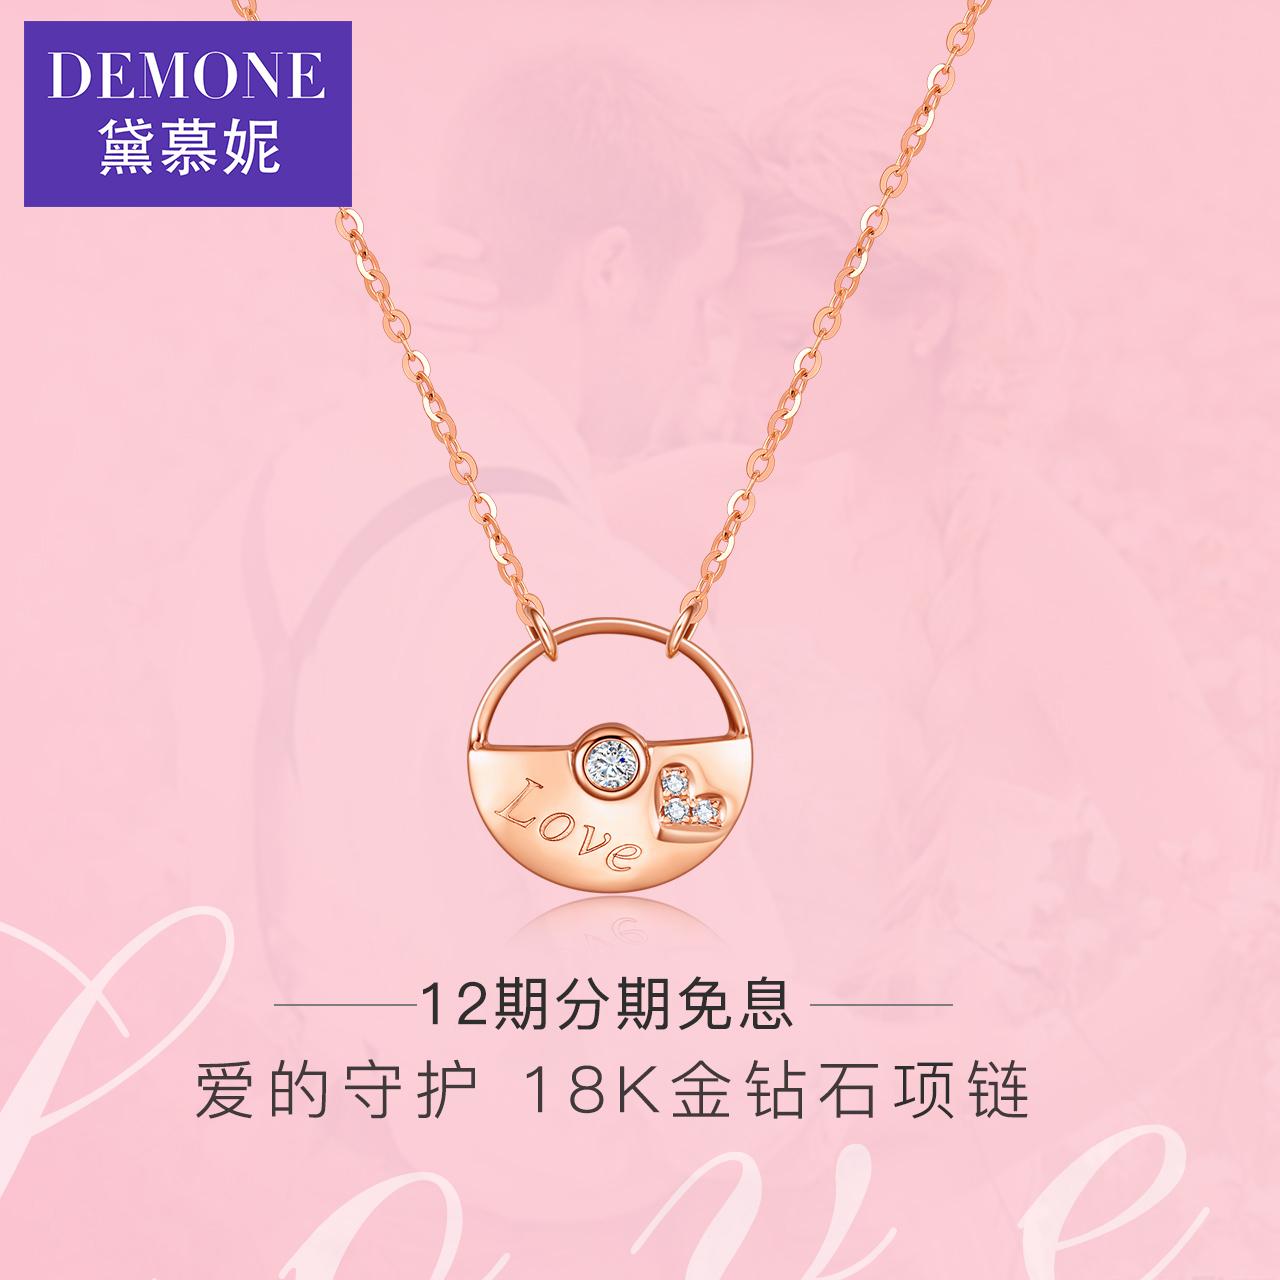 黛慕妮 18k金项链 彩金项链女 玫瑰金钻石套链正品情人节送女友